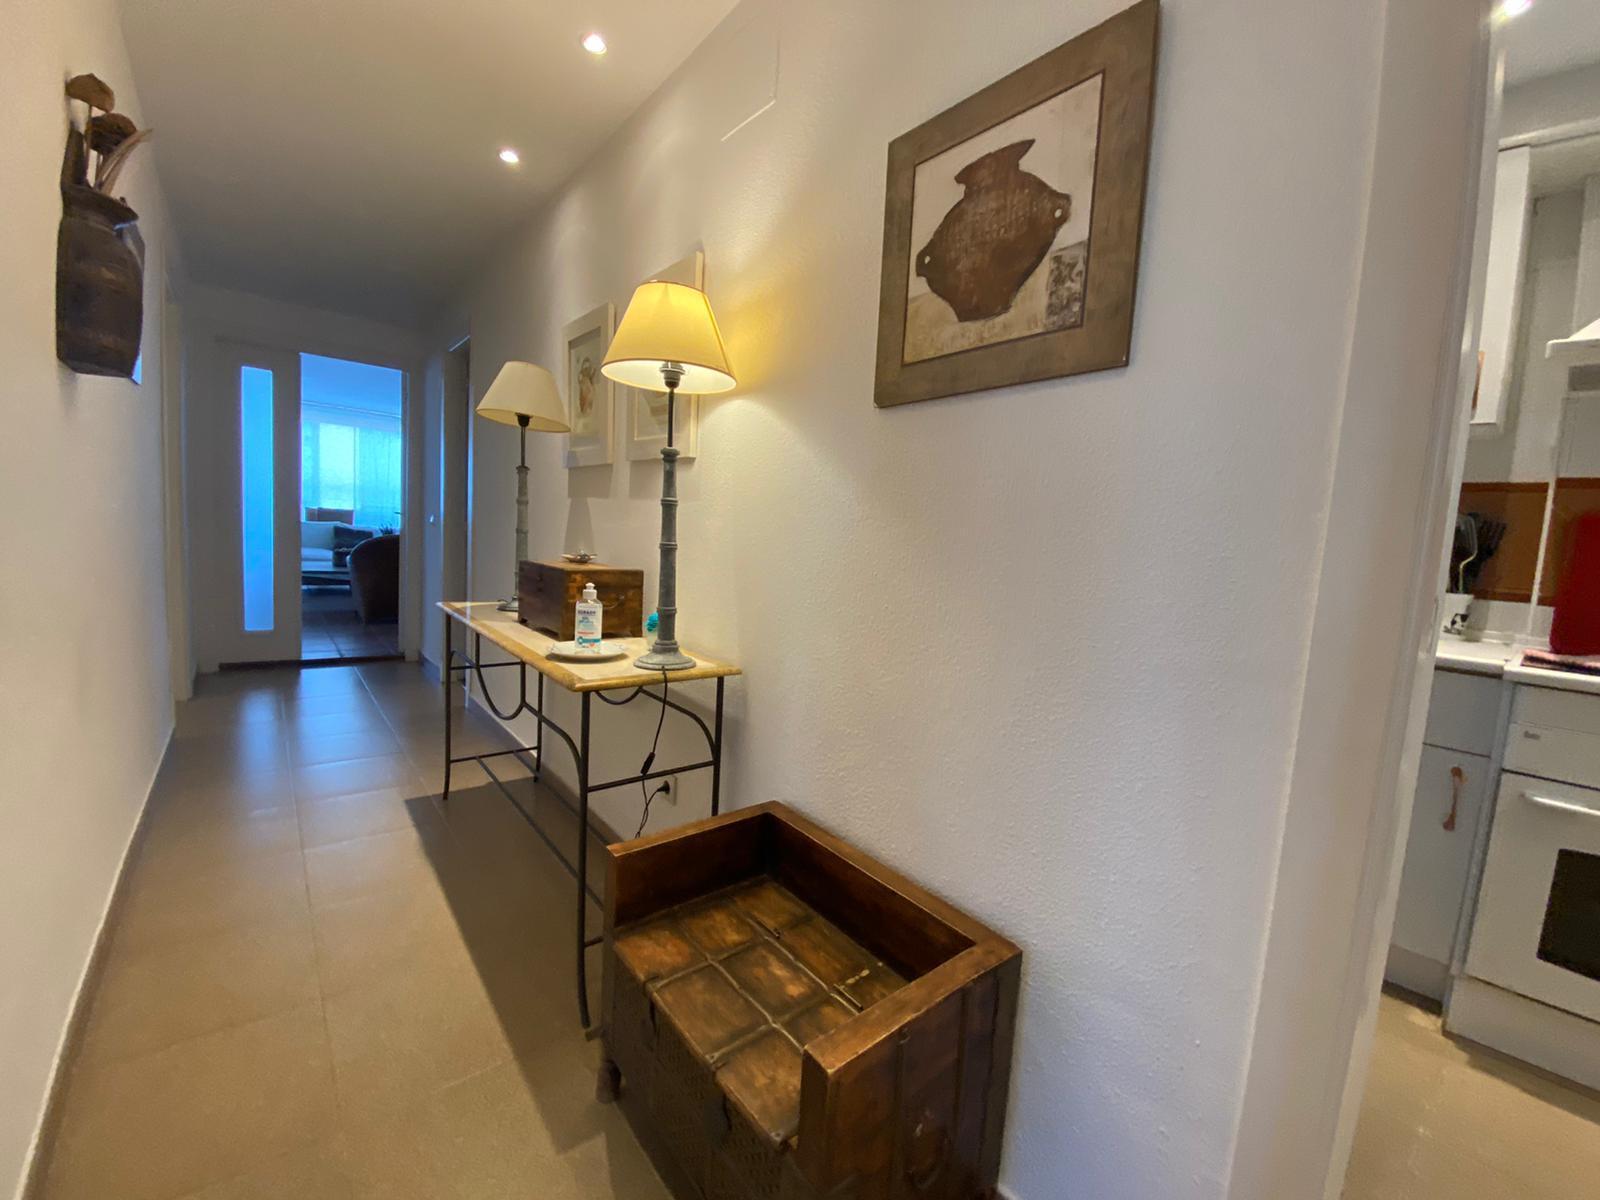 Imagen 9 del Apartamento Turístico, Ático 4 Levante, Frontal (4d+2b), Punta del Moral (HUELVA), Paseo de la Cruz nº22